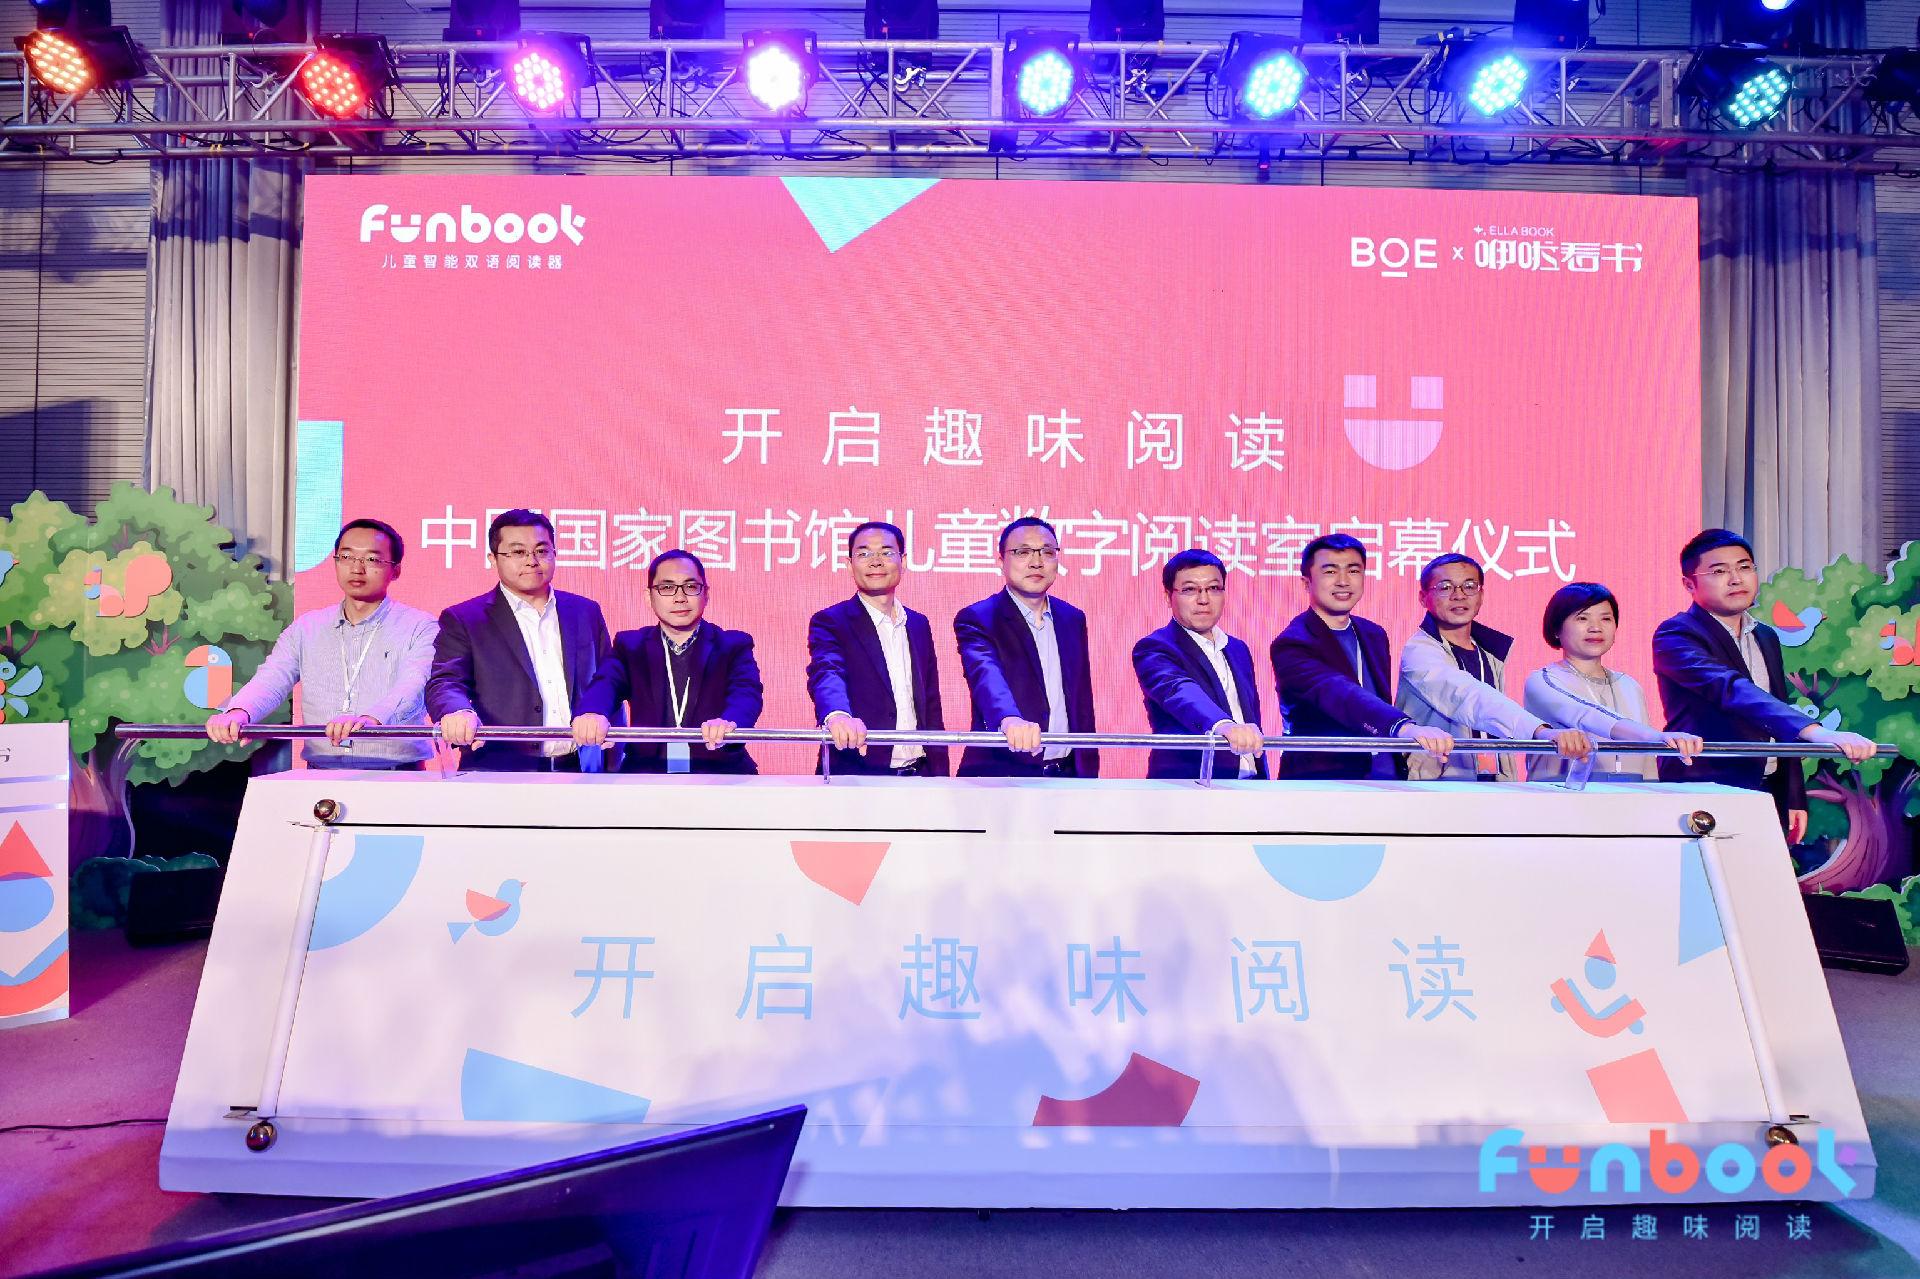 京东方艺云联合咿啦看书推出Funbook儿童智能双语阅读器